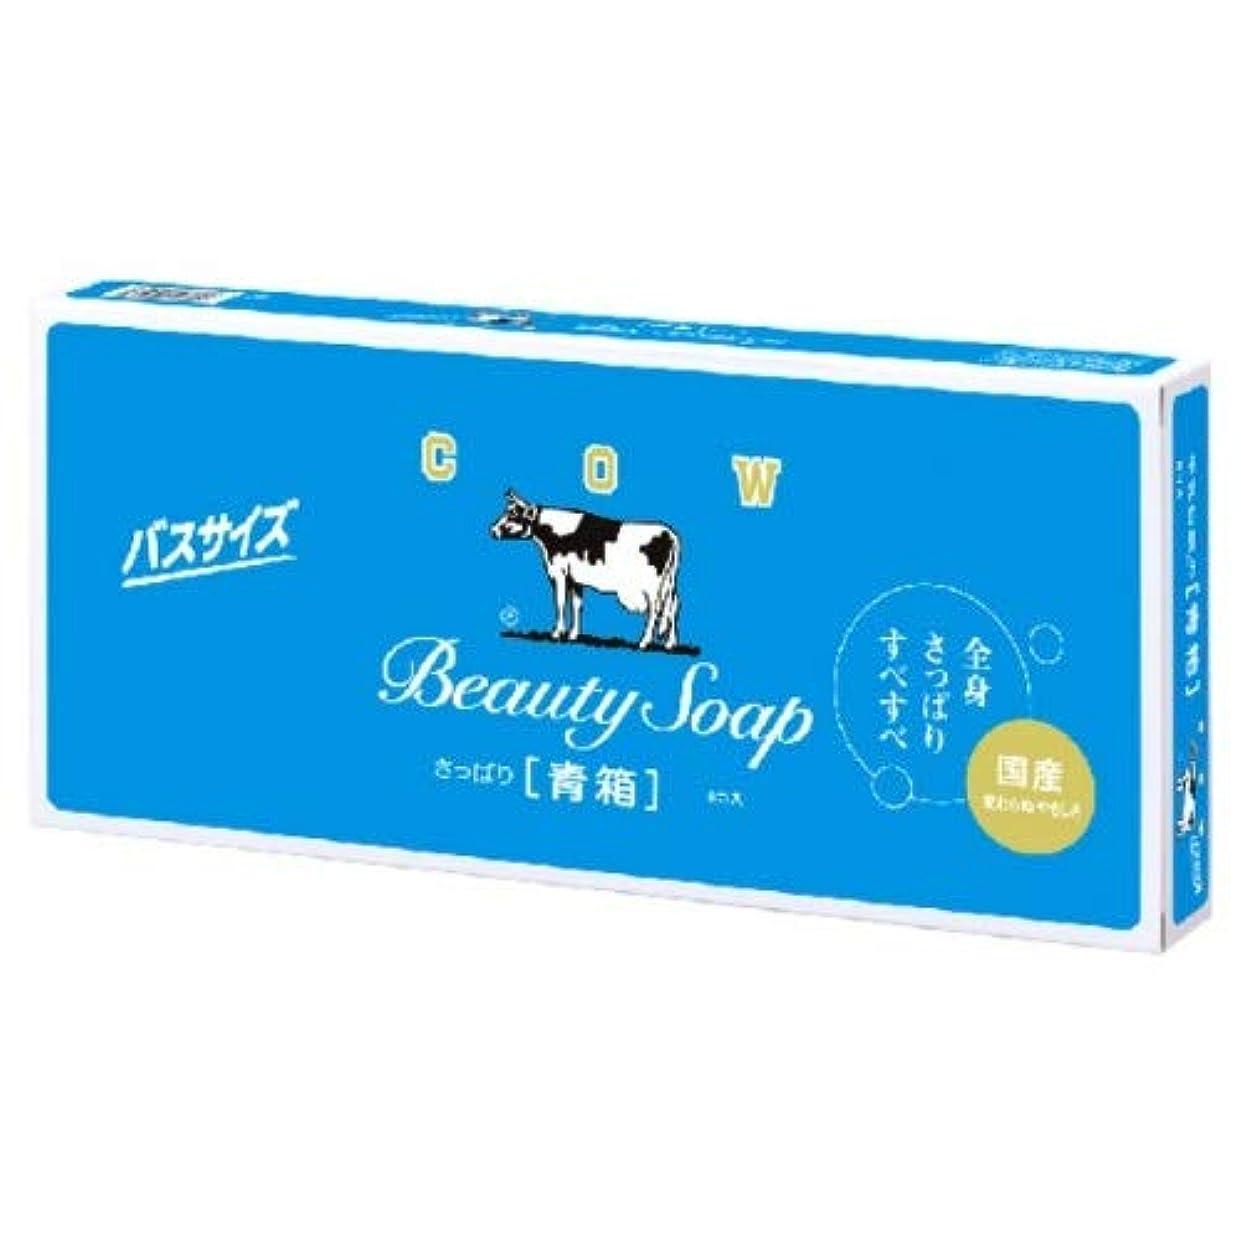 天窓韓国マウントカウブランド 青箱バスサイズ6個入 石鹸 ジャスミン調の花の香り 130g×6個